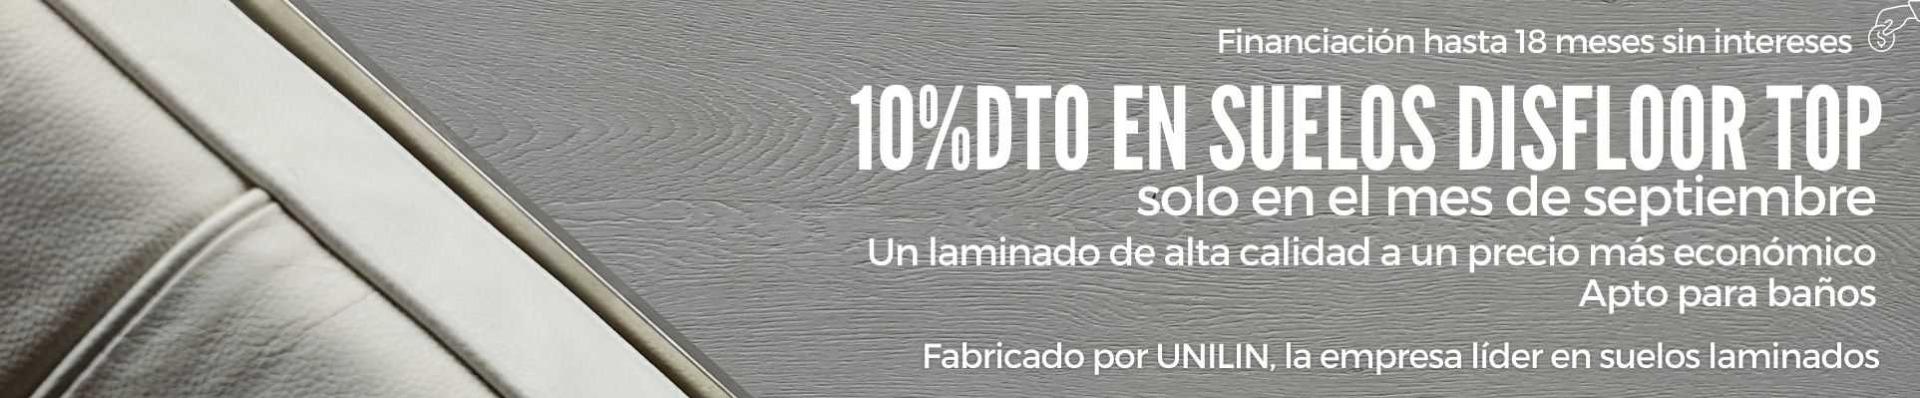 ofertas suelos laminados Disfloor top